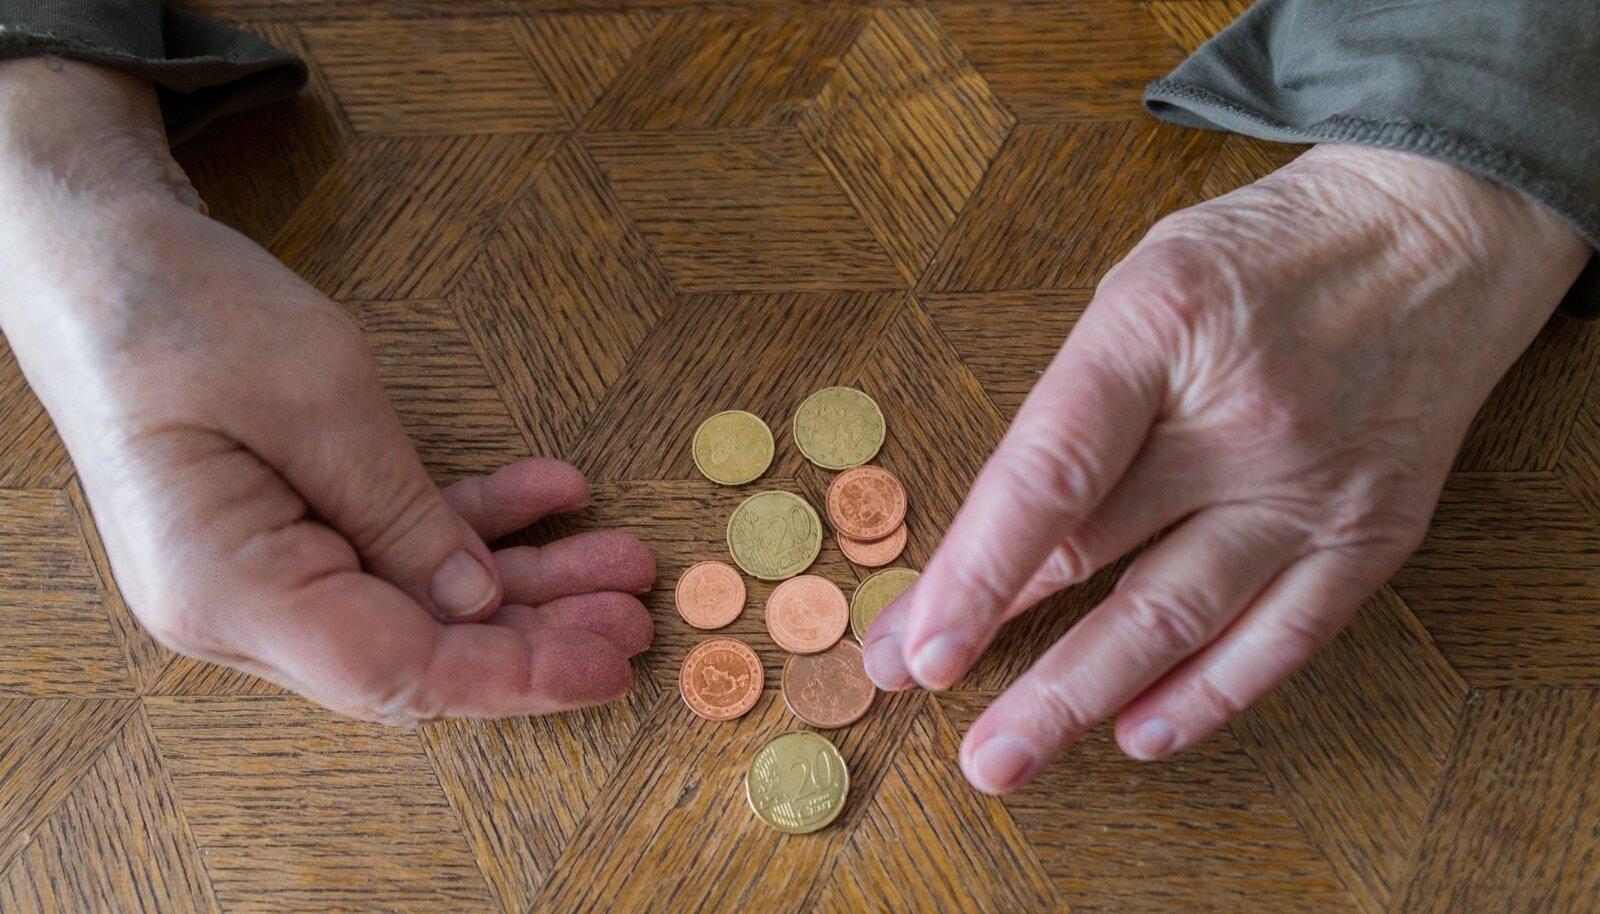 Rahvastikuprognoosid ütlevad, et 40 aasta pärast on pensionimaksjaid pensionäri kohta kaks korda vähem kui praegu.